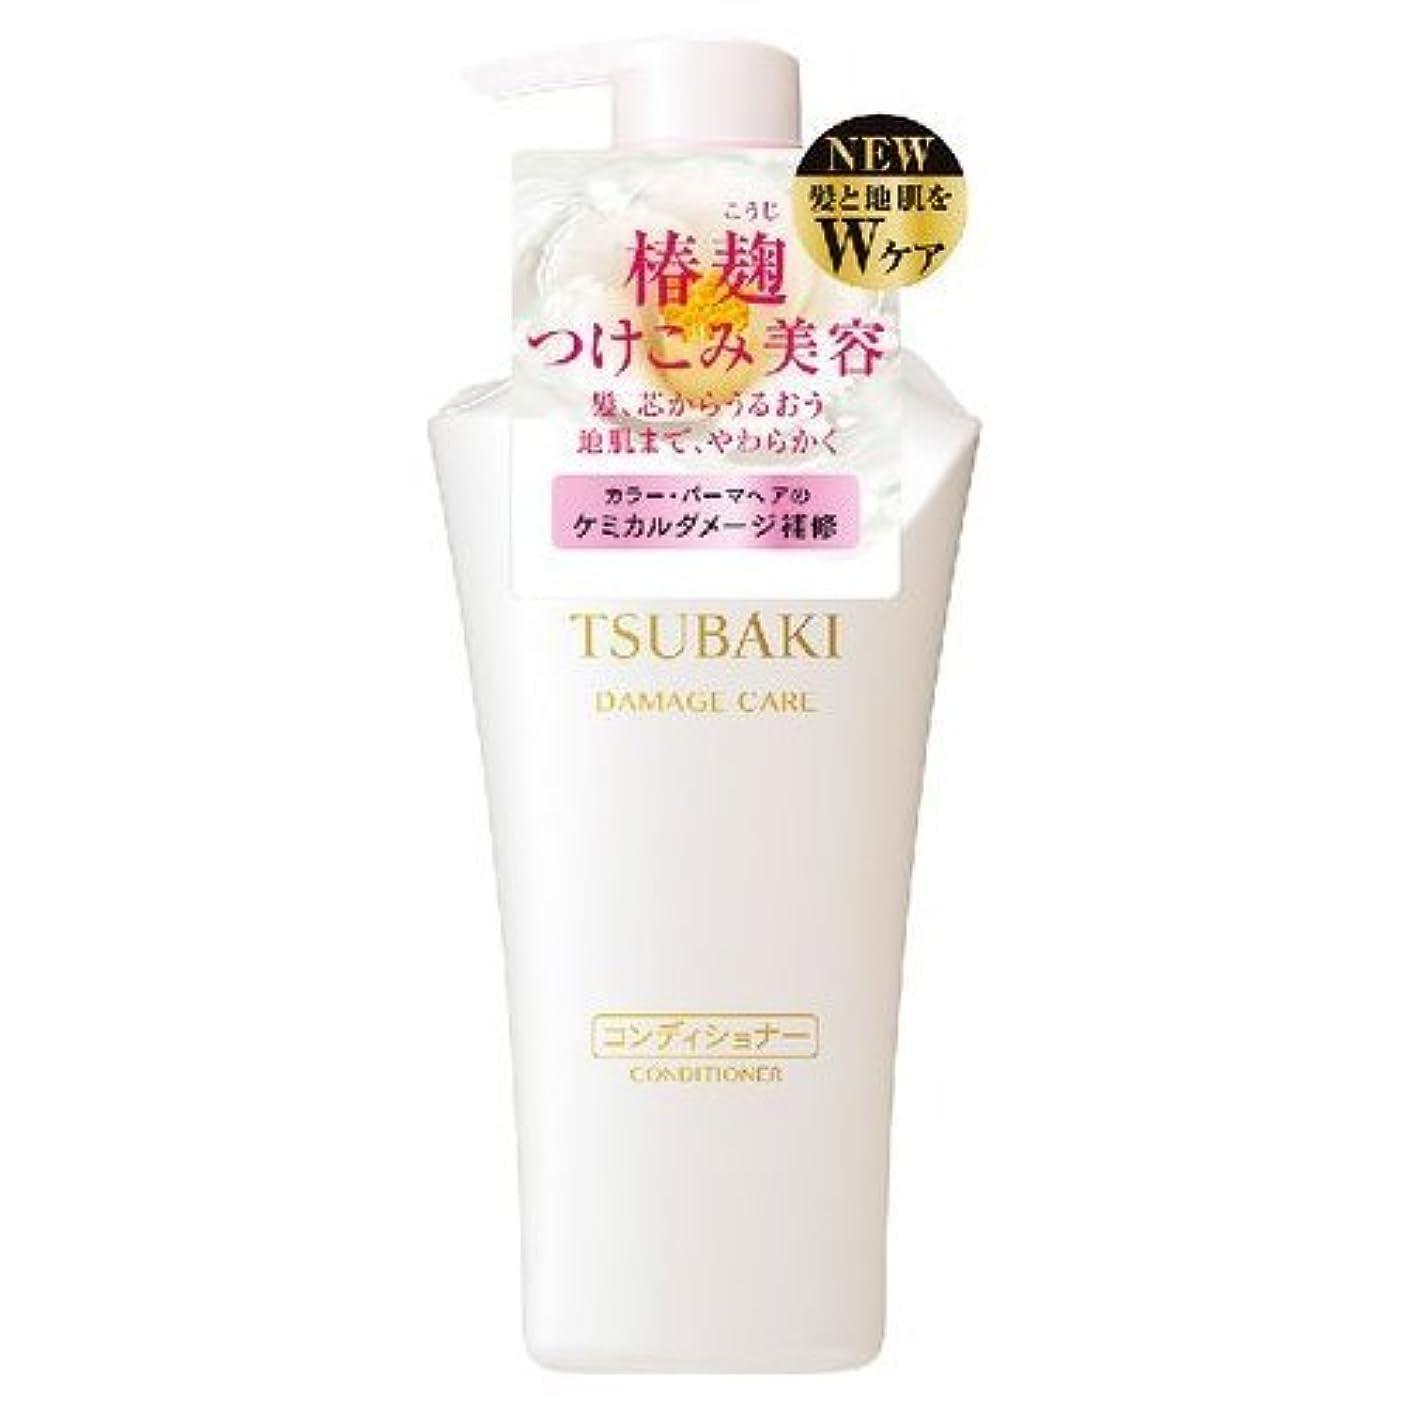 TSUBAKI ダメージケア コンディショナー ジャンボサイズ 500ml